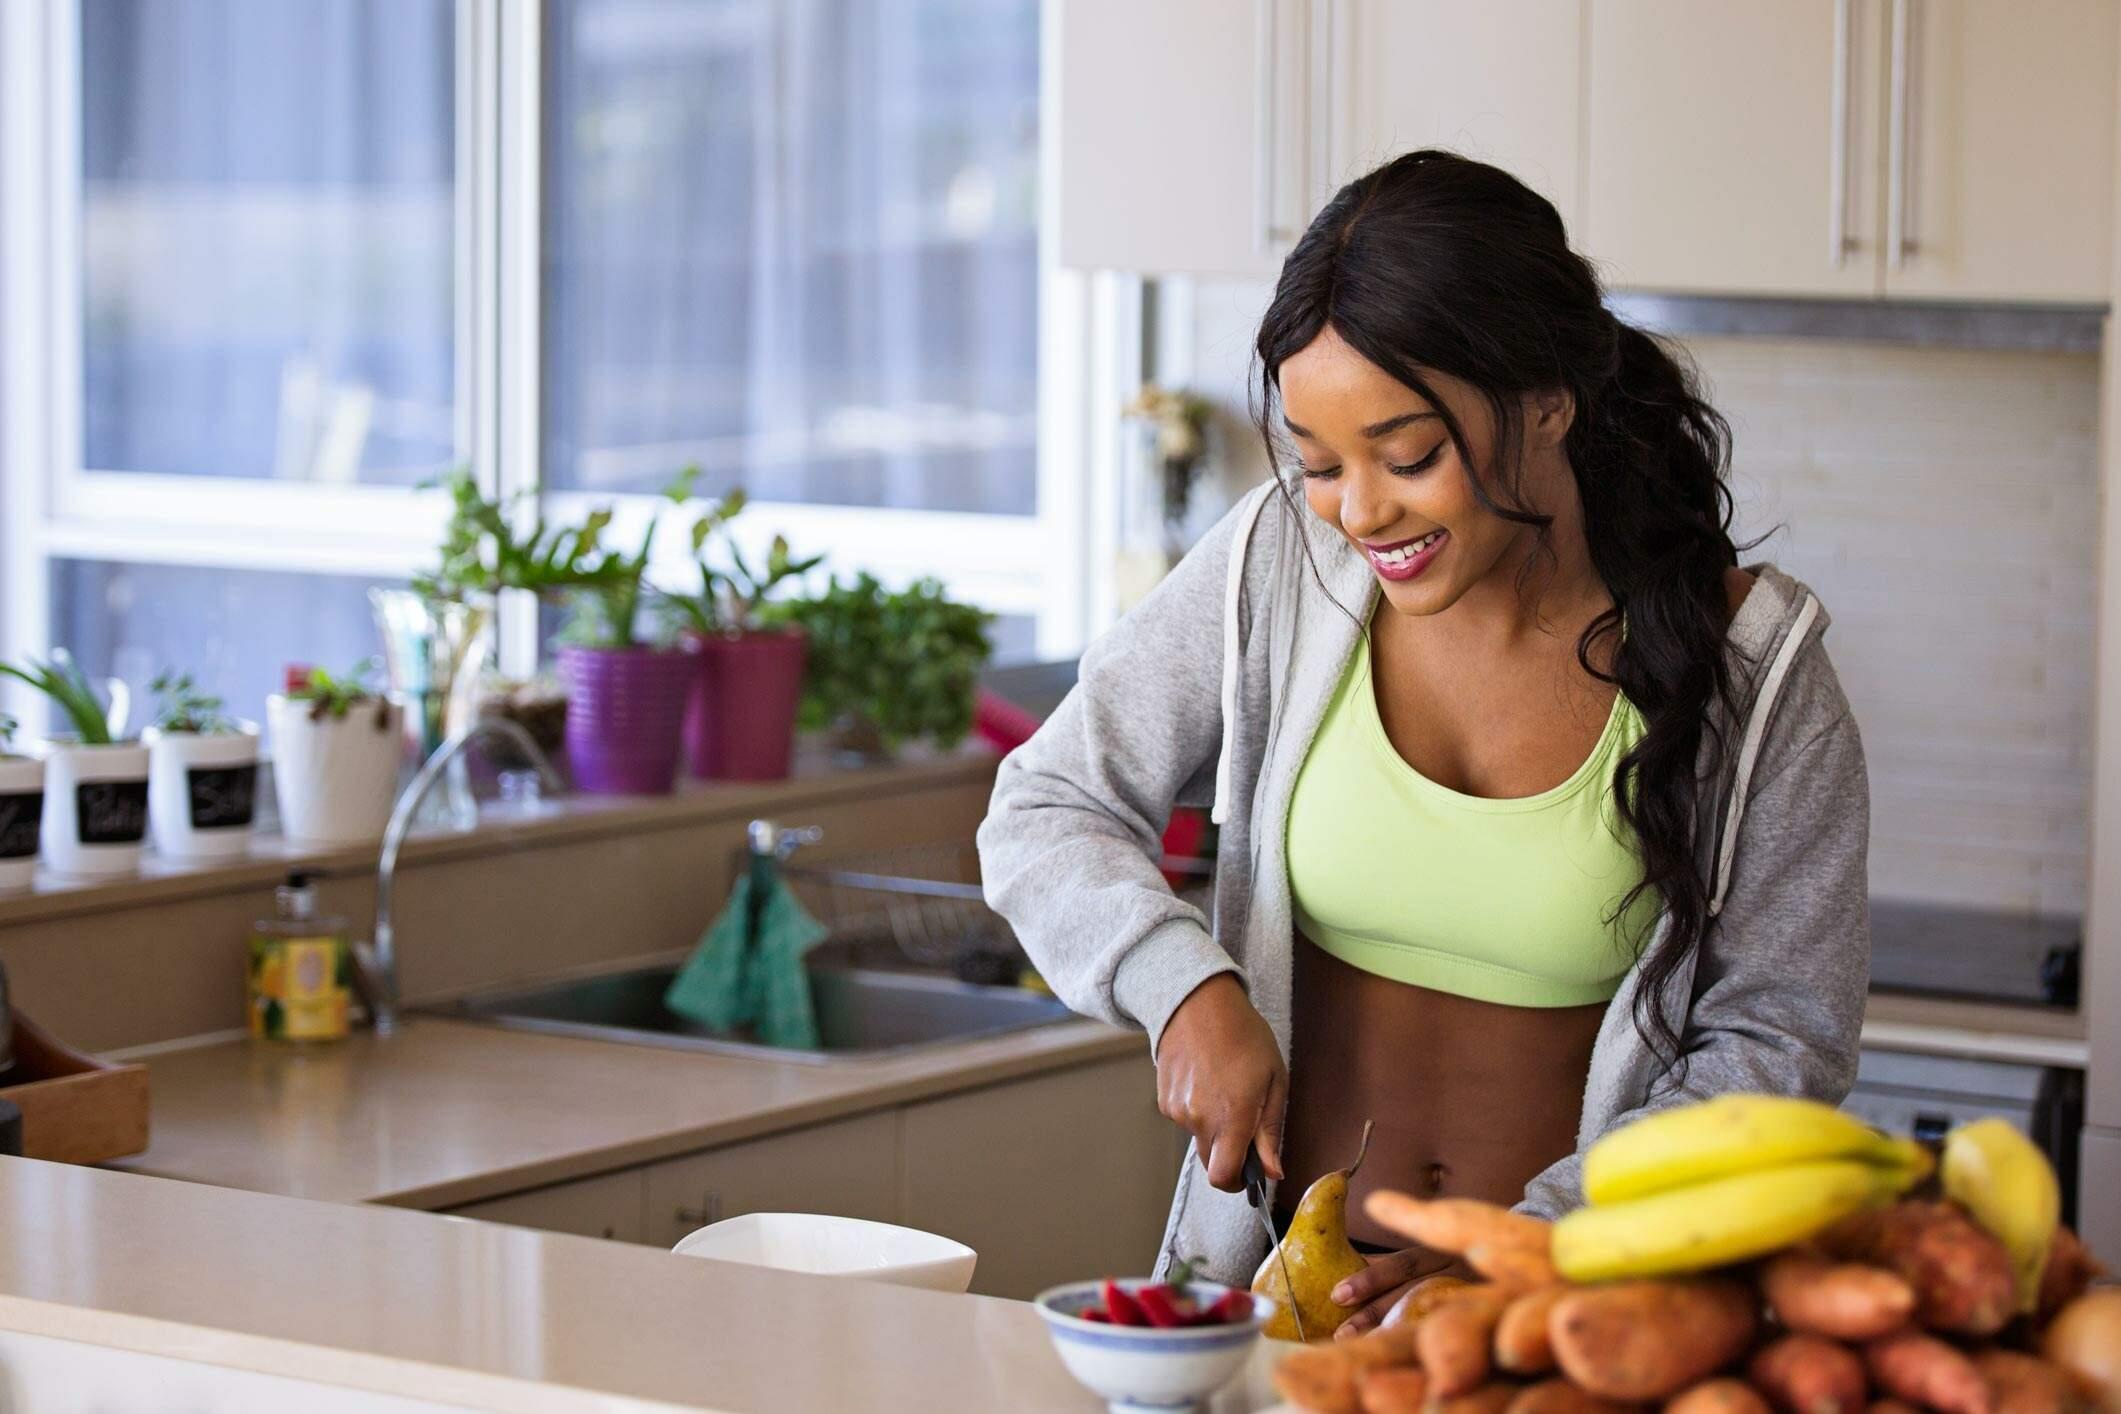 Nutrição vs. depressão. Uma dieta adequada ajuda no combate à doença